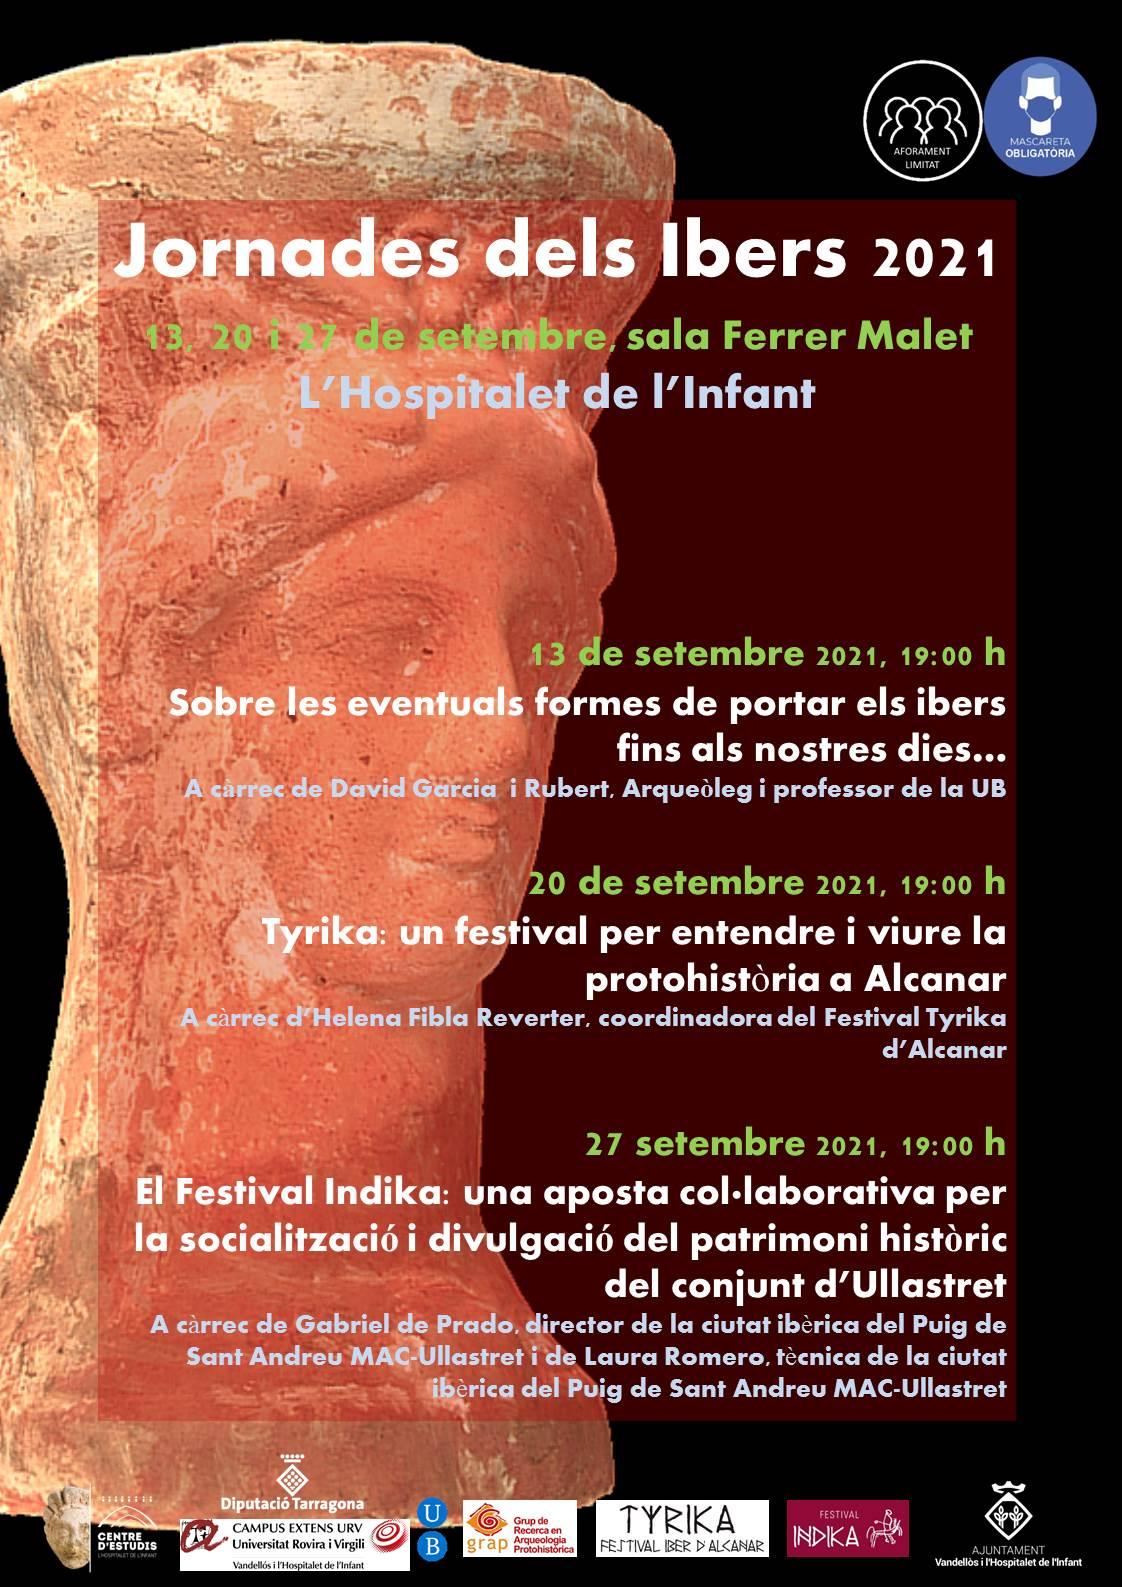 Jornades del Ibers 2021